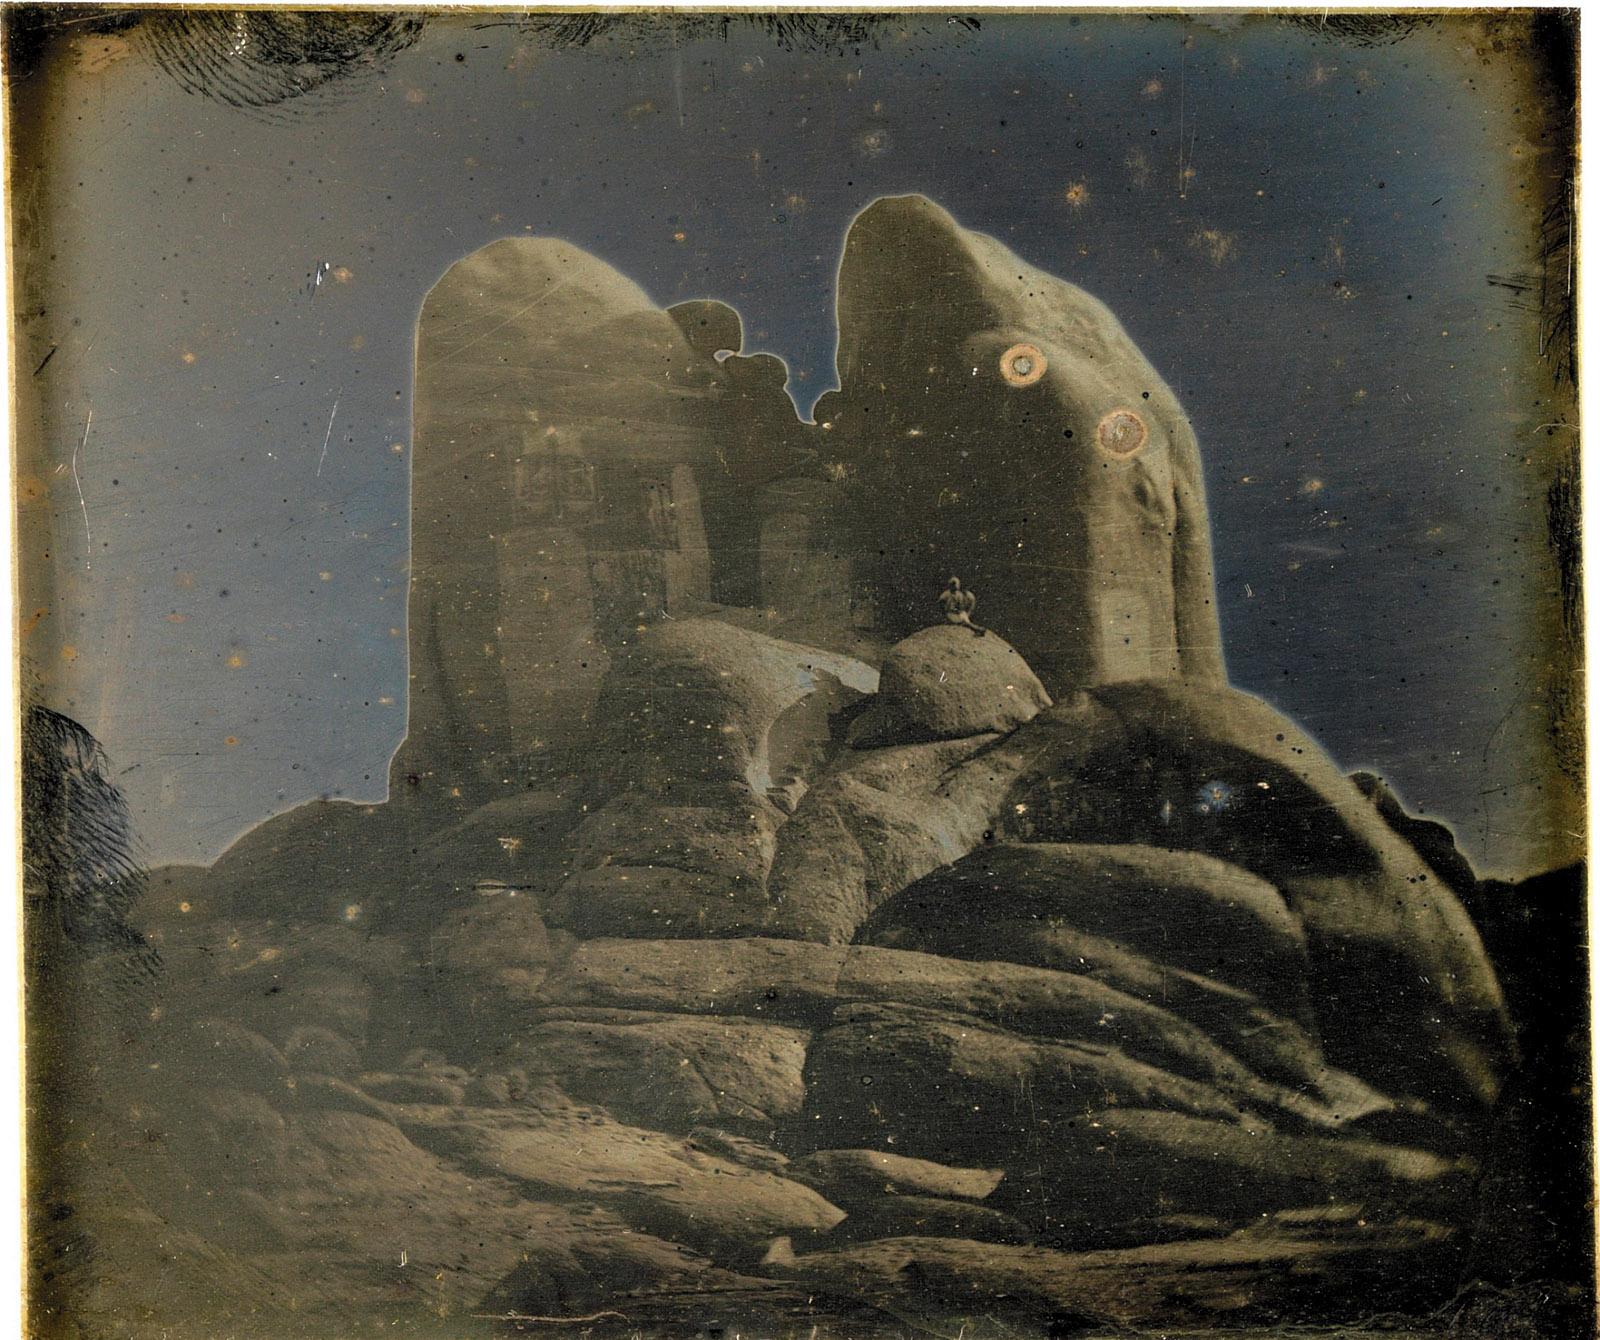 Rocks, Philae, Daguerreotype by Girault de Prangey